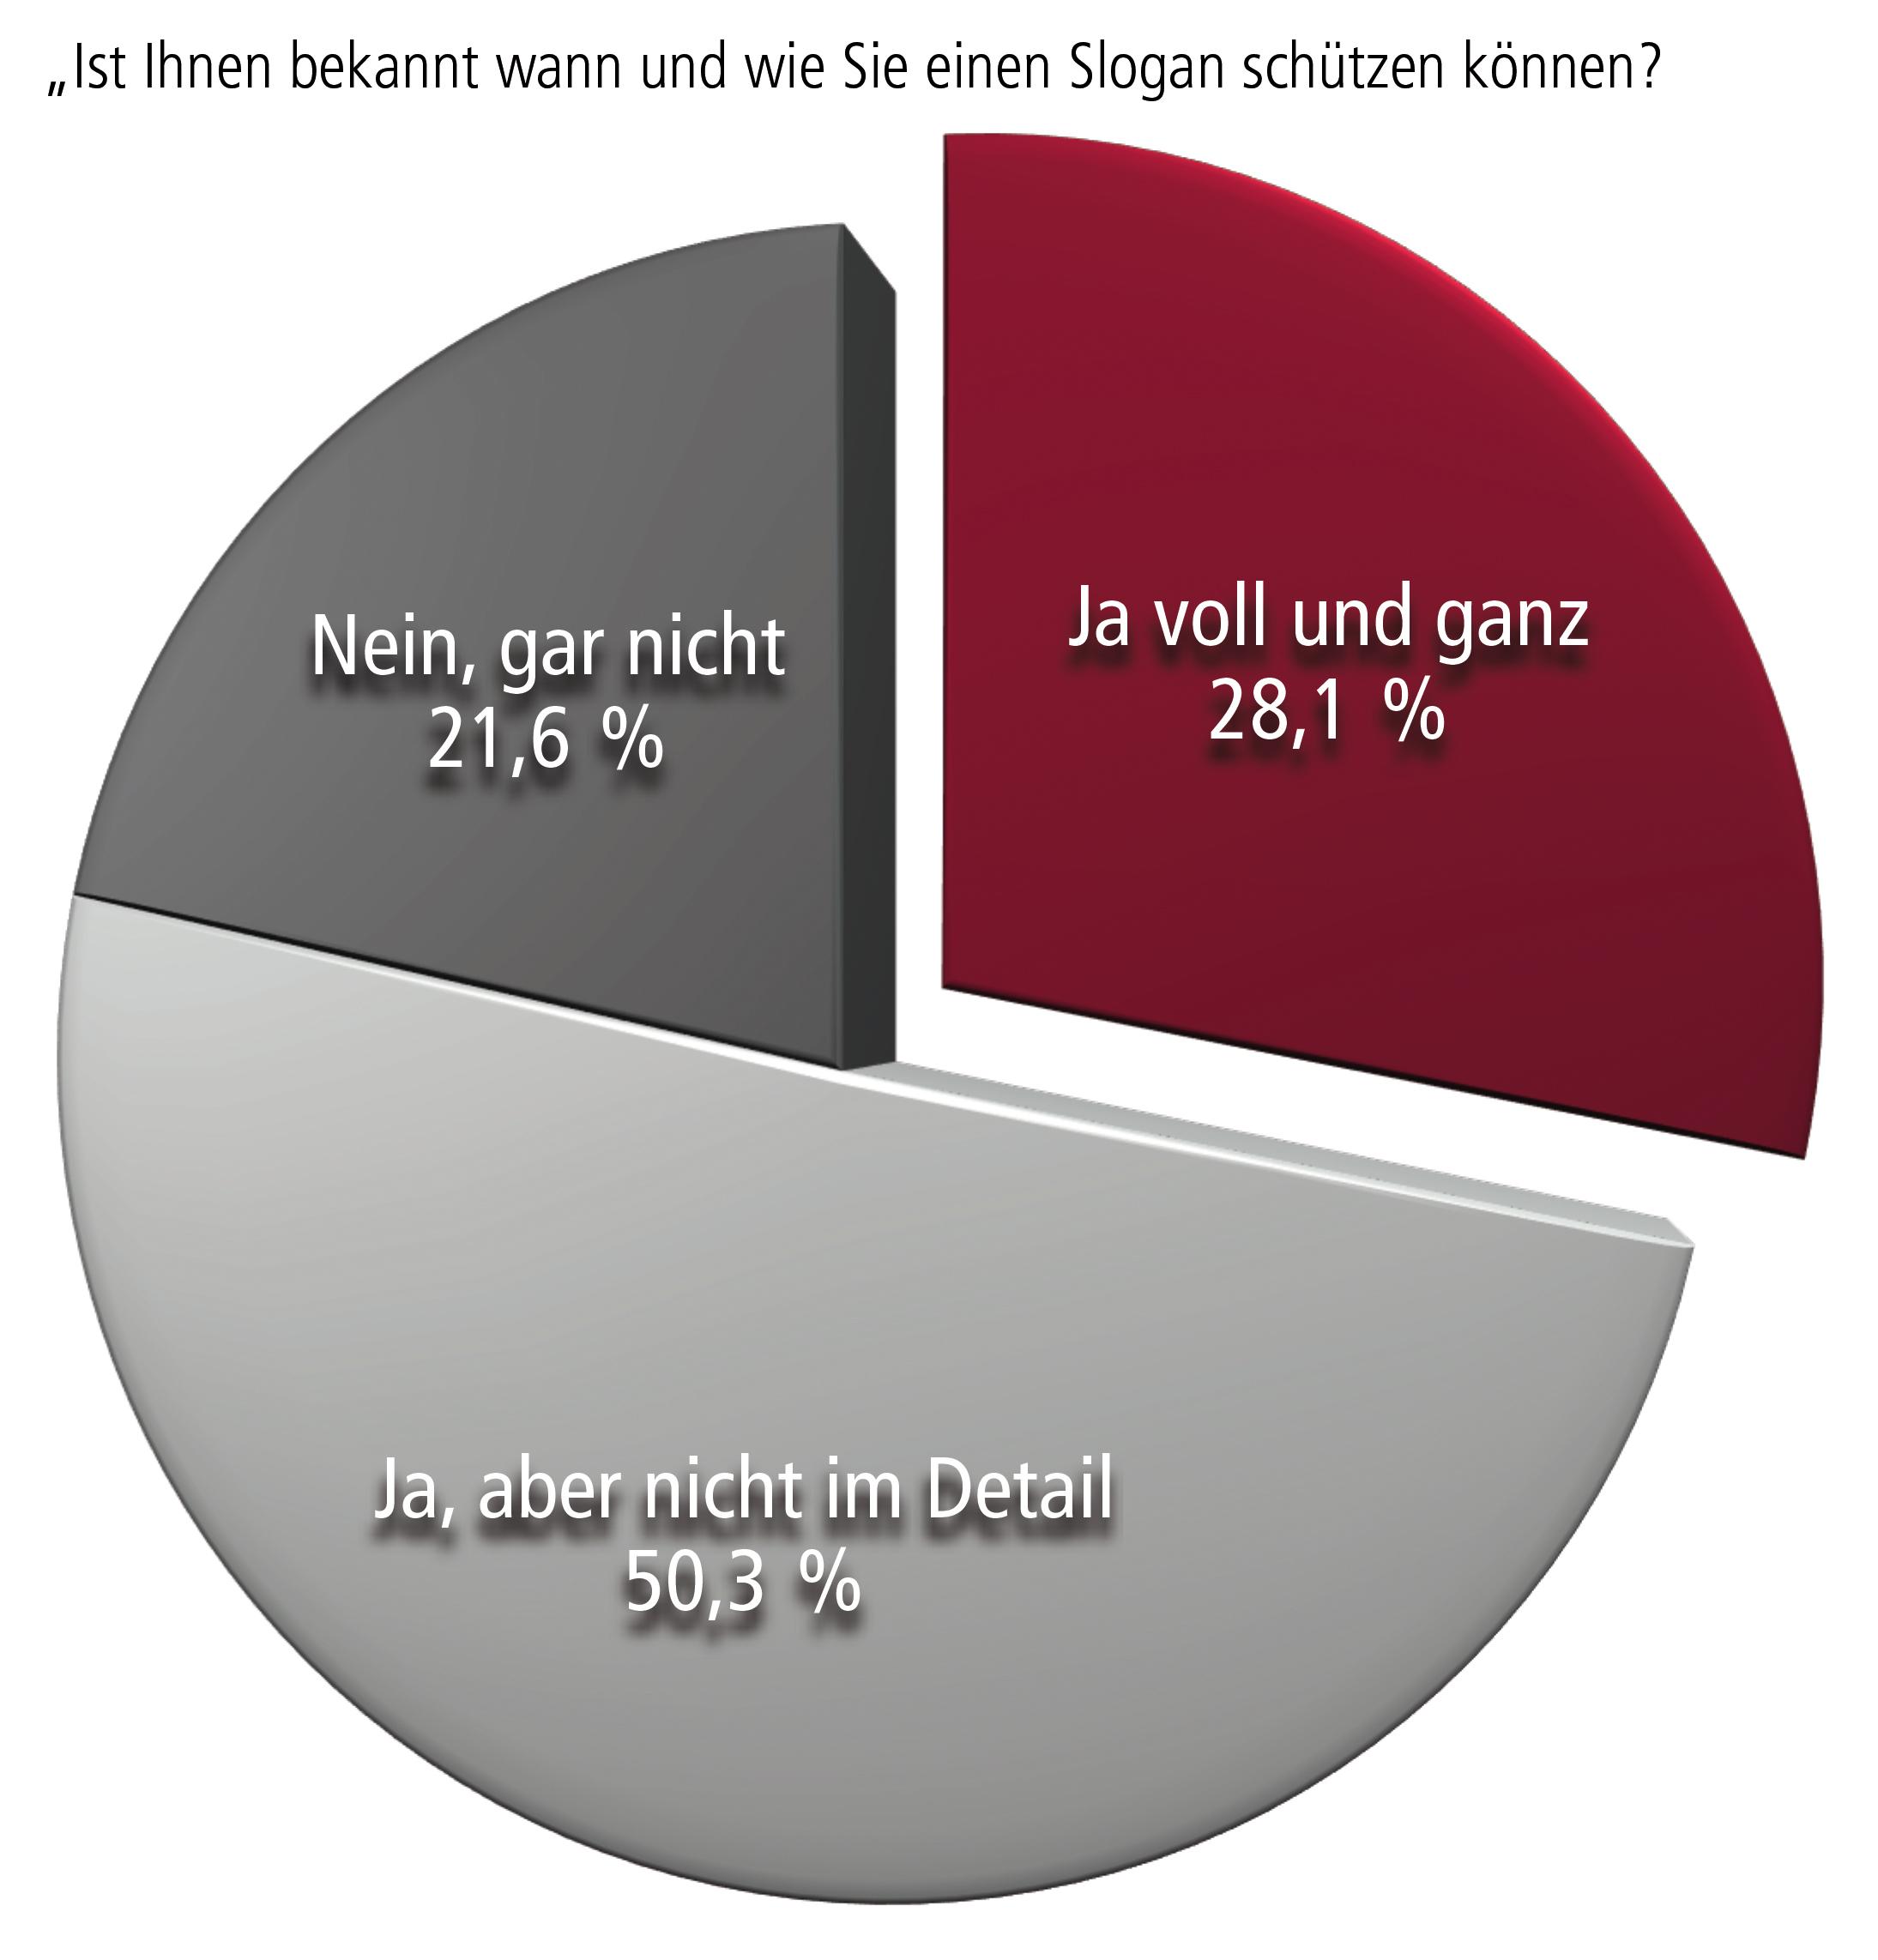 Bekanntheit der Schutzfähigkeit von Slogans in Österreich